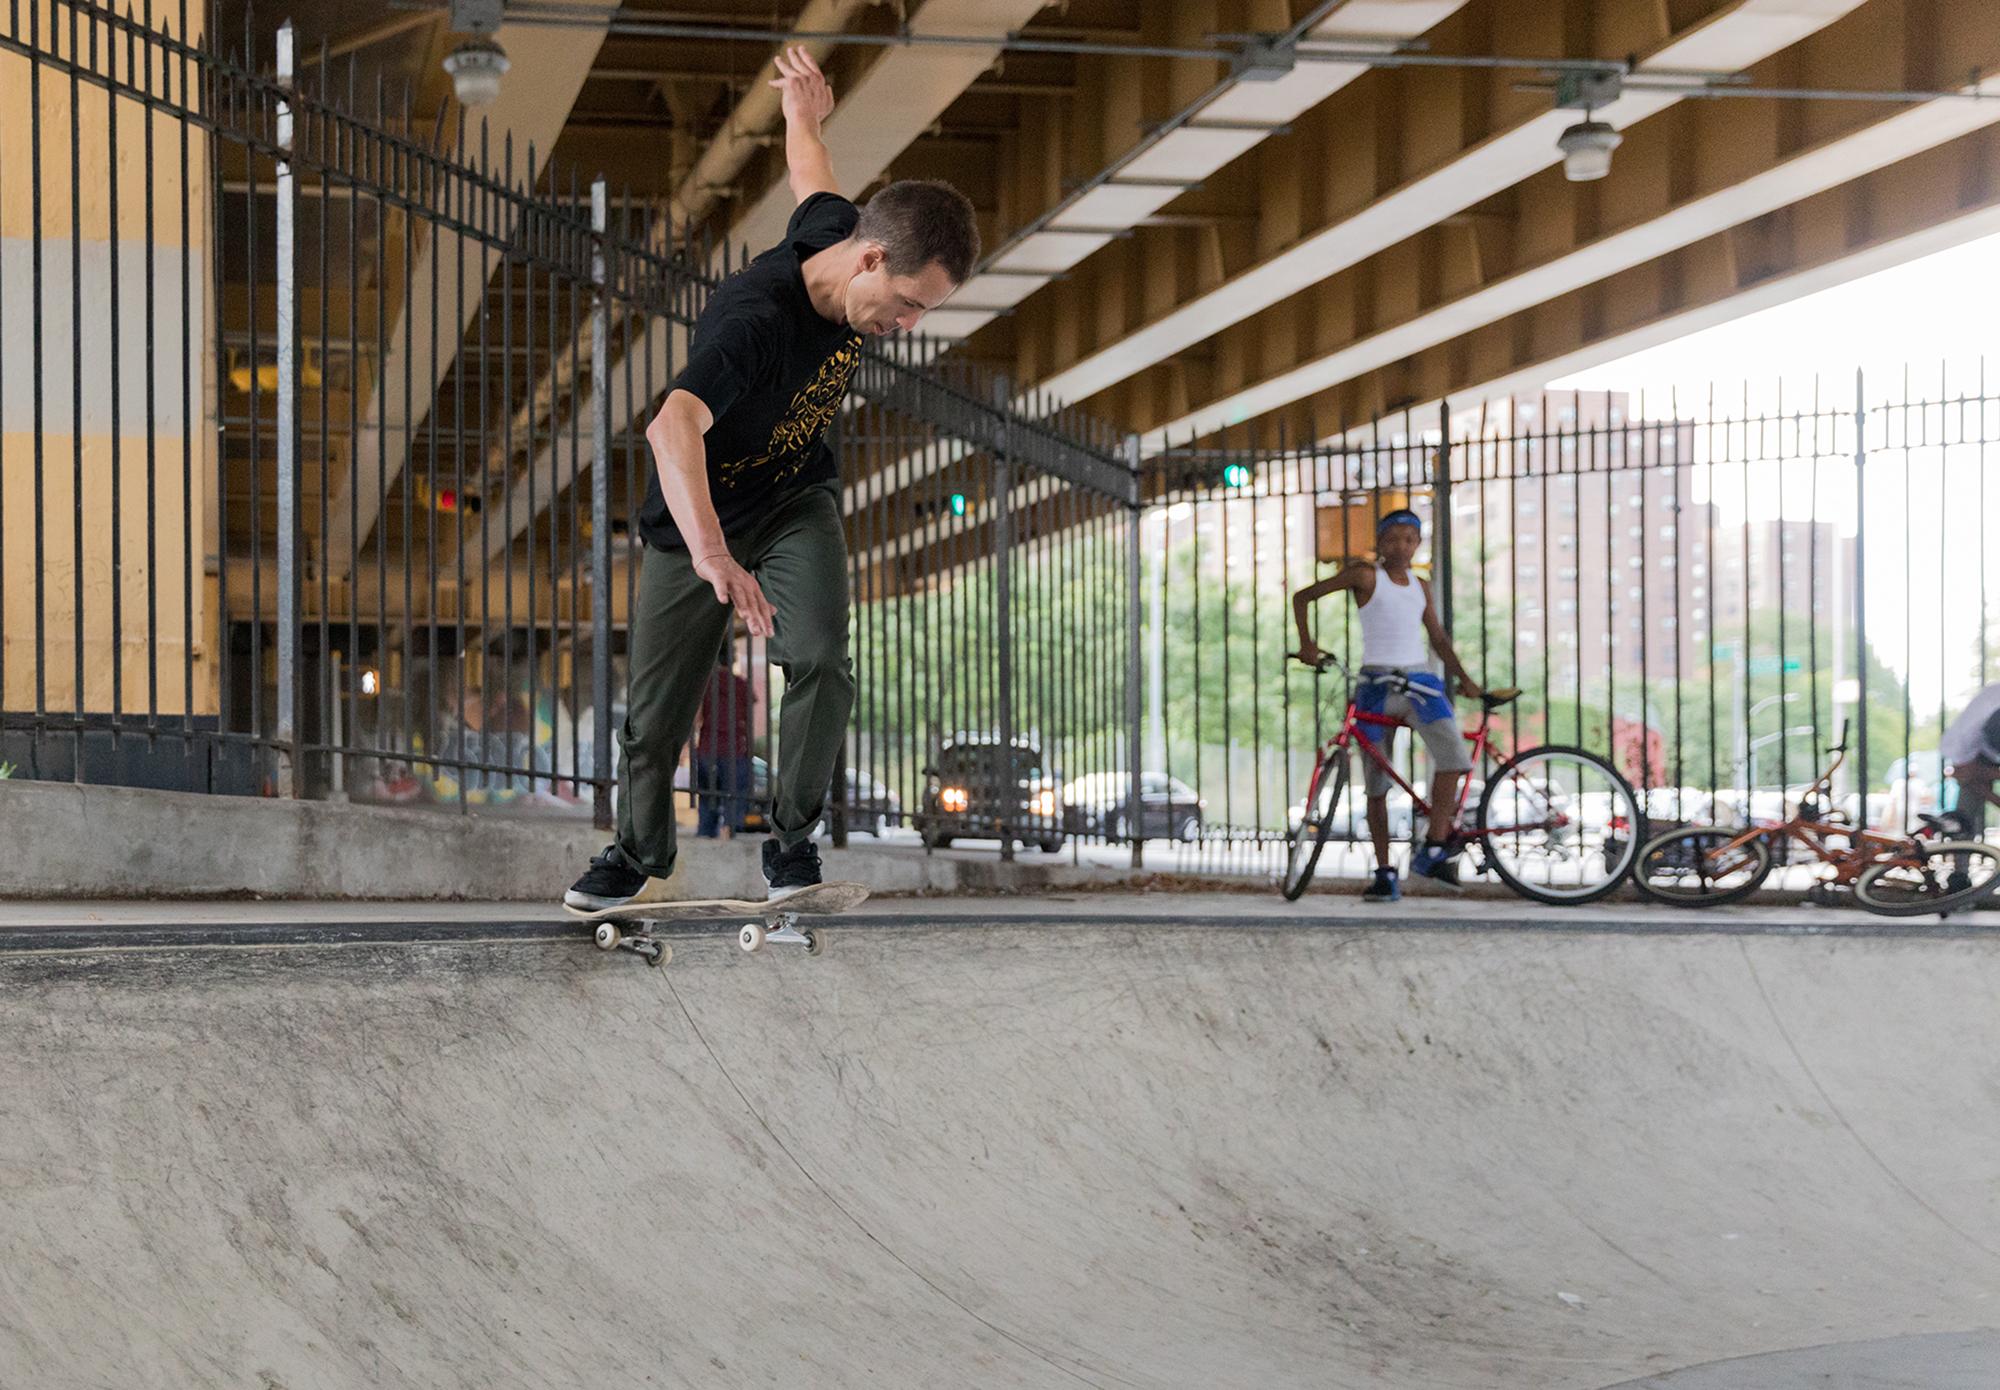 Learn skate tricks